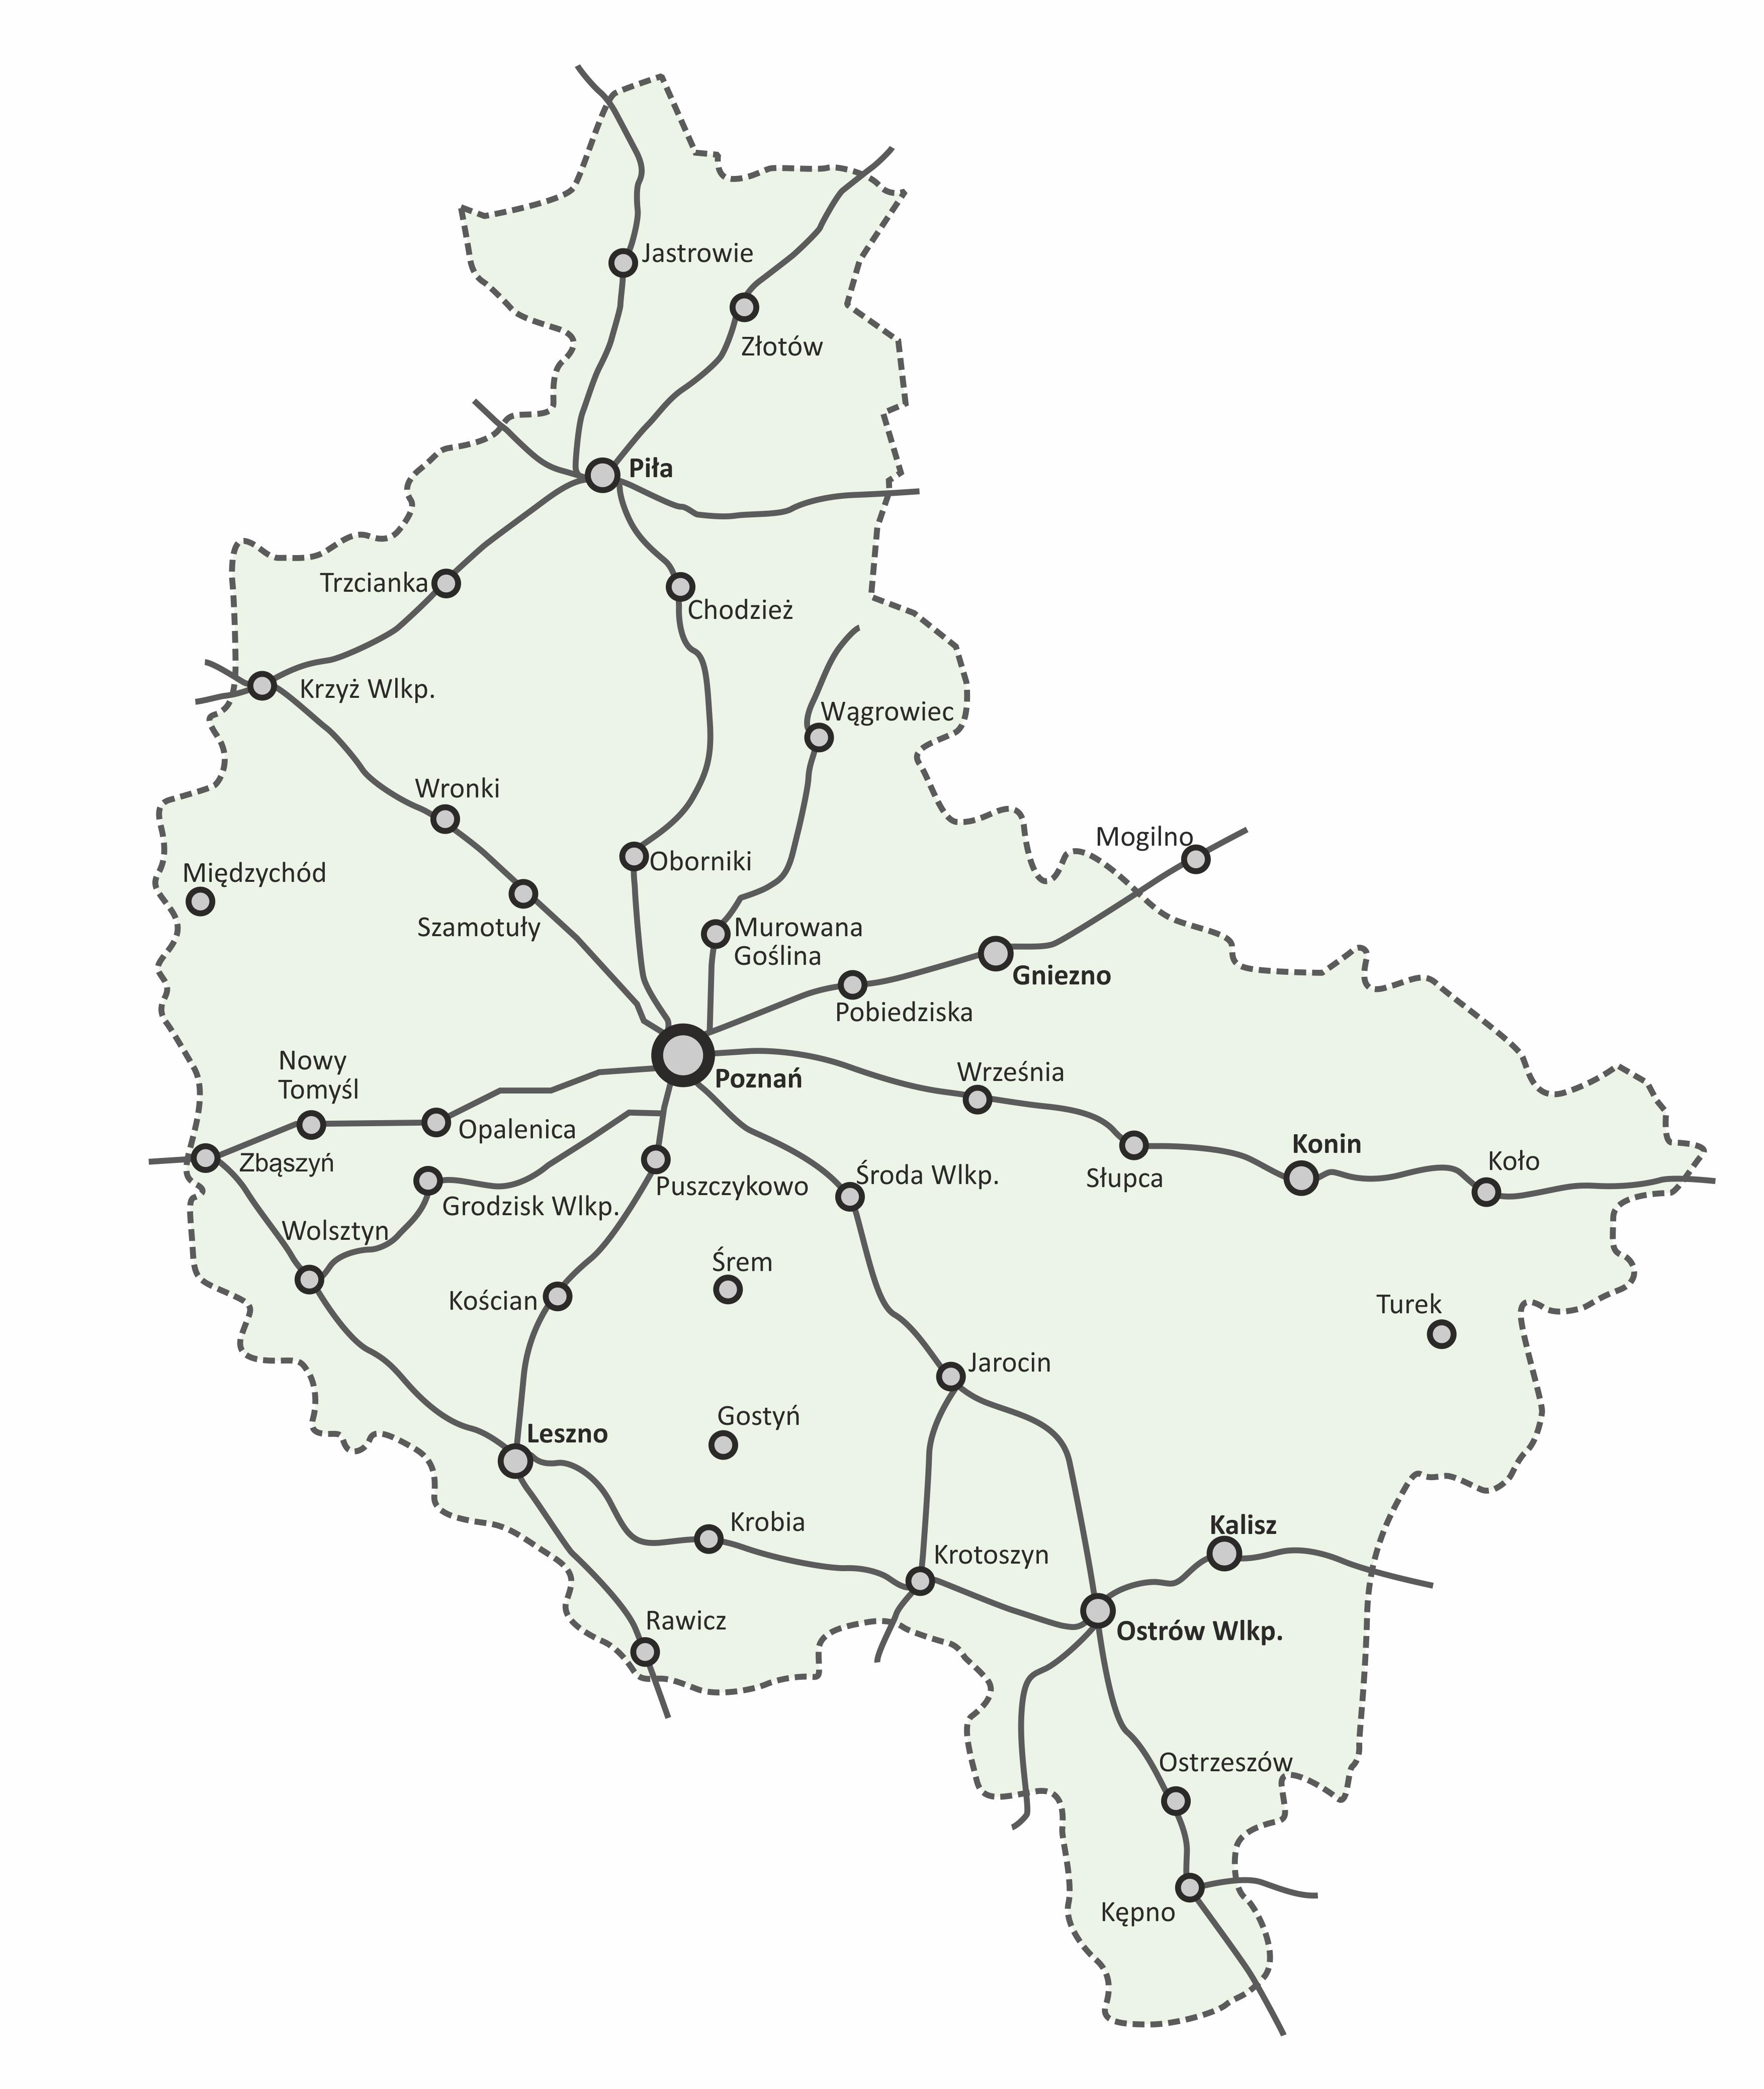 Sieć połączeń pasażerskich w Wielkopolsce